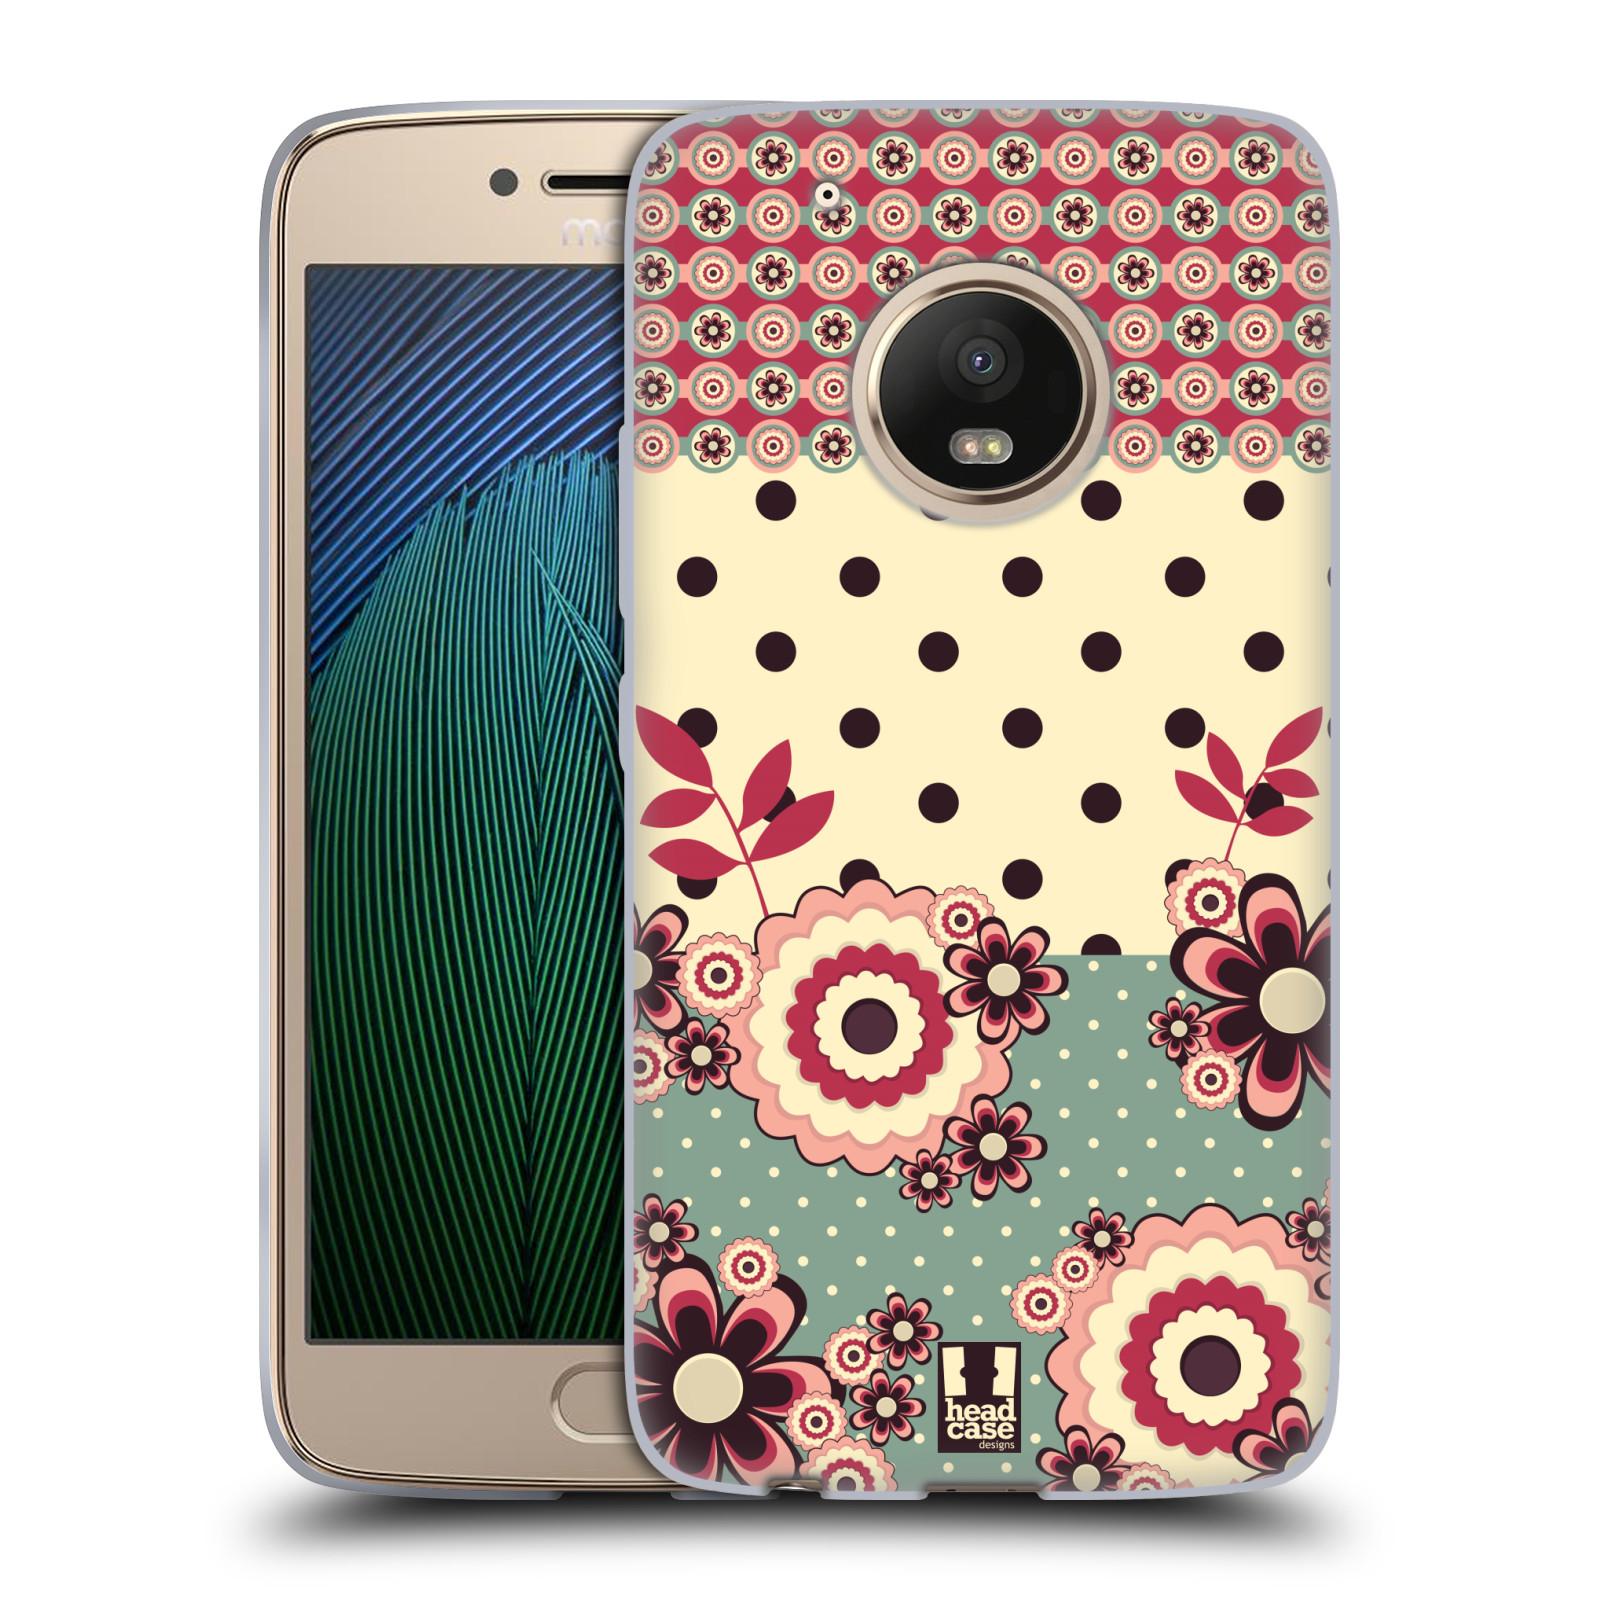 Silikonové pouzdro na mobil Lenovo Moto G5 Plus - Head Case KVÍTKA PINK CREAM (Silikonový kryt či obal na mobilní telefon Lenovo Moto G5 Plus)